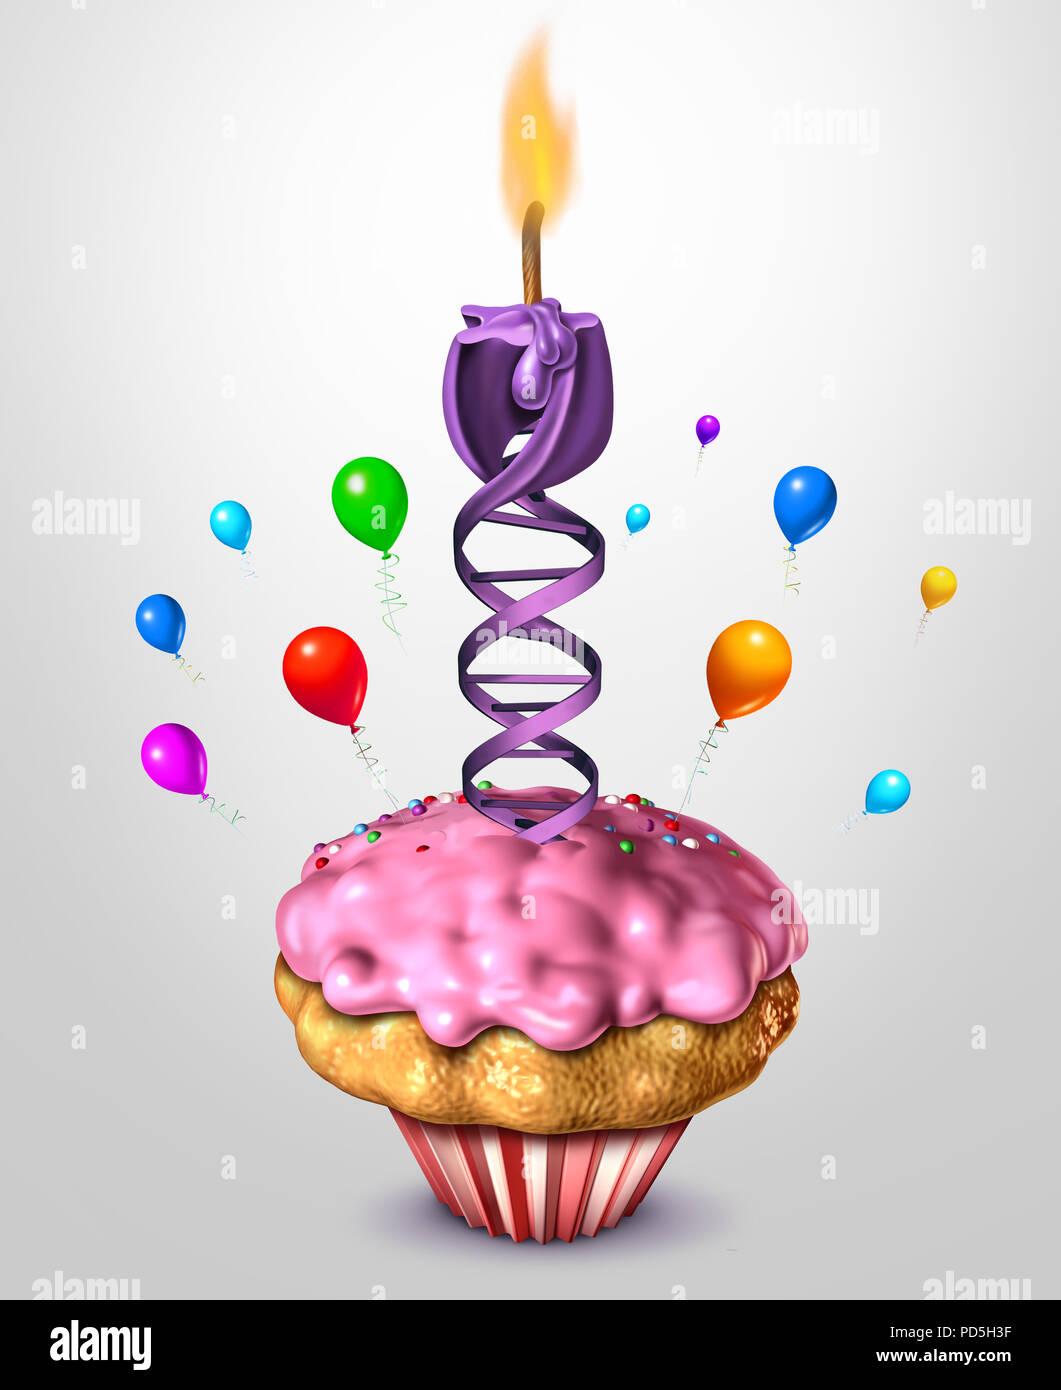 El envejecimiento del ADN ciencia y salud concepto de edad o reversión de la longevidad de la vida humana como un concepto de Biología 3D Render. Imagen De Stock